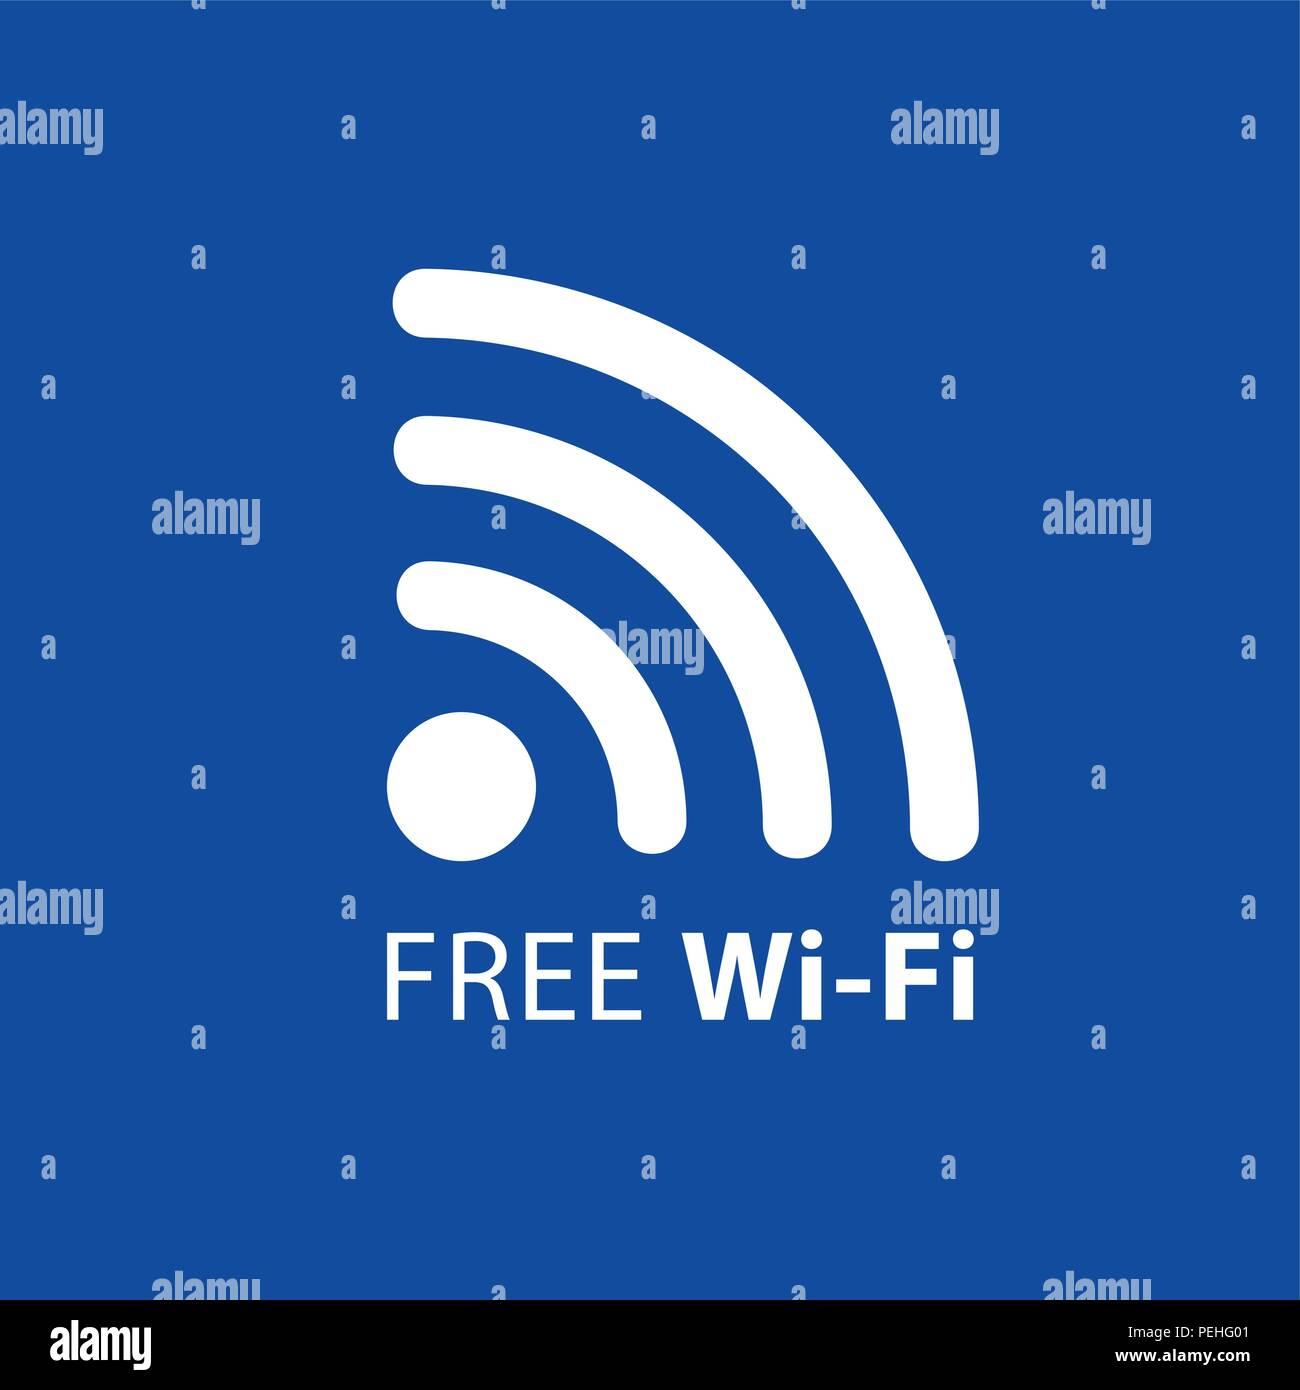 Symbole d'une connexion Wi-Fi gratuite blue vector illustration EPS10 Photo Stock